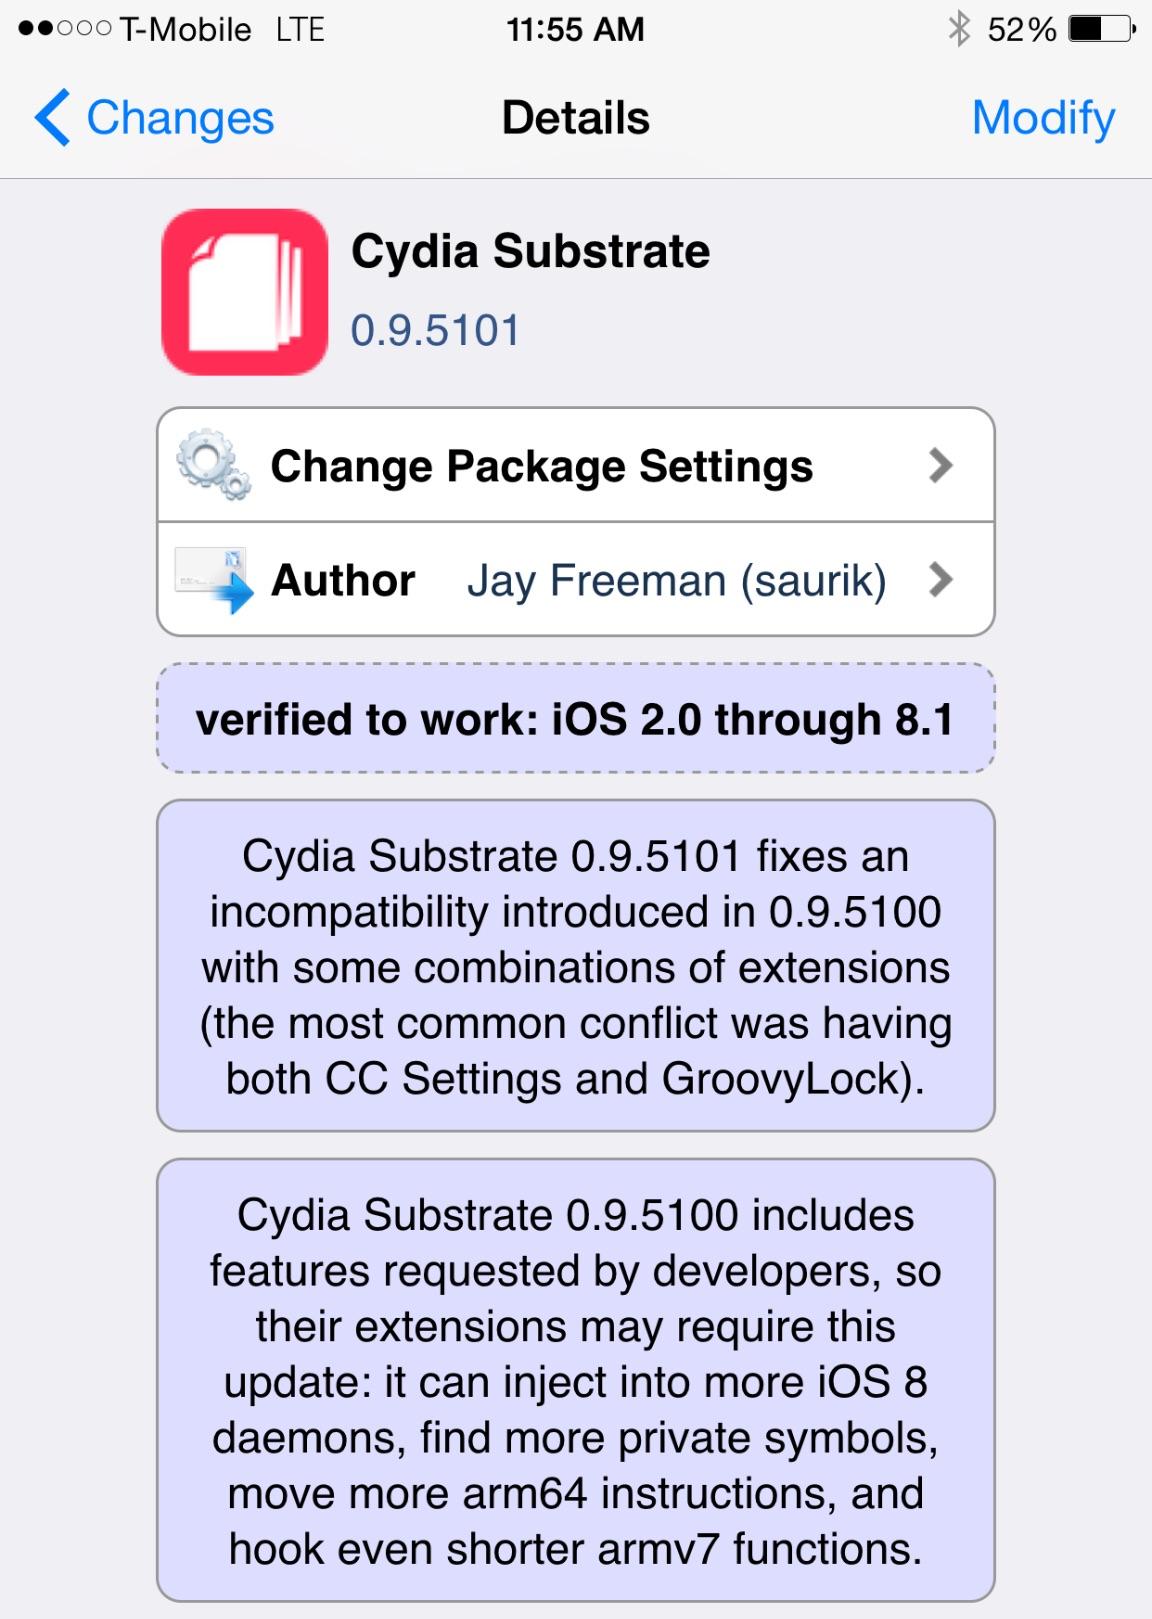 Cydia Substrate 0.9.5100